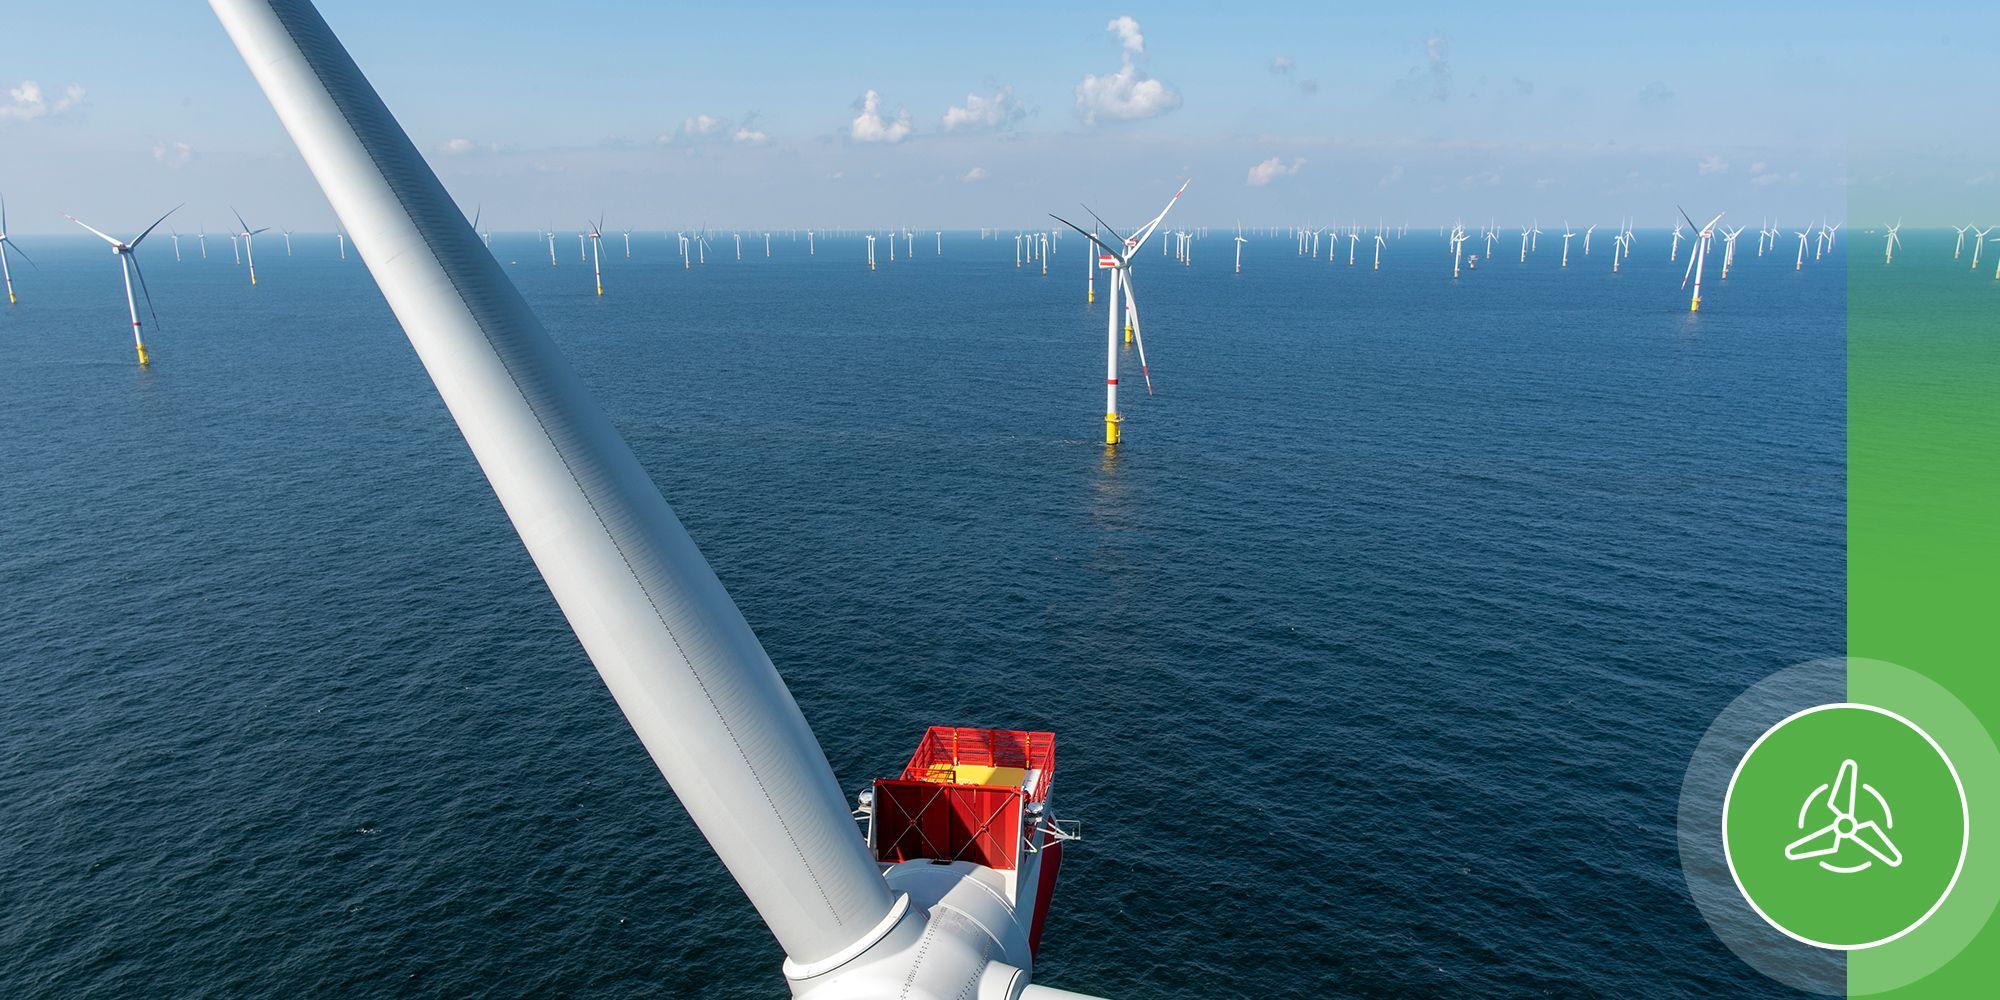 La producción por turbina eólica marina supera a aquellas instaladas en tierra. (GettyImages/PierNext)